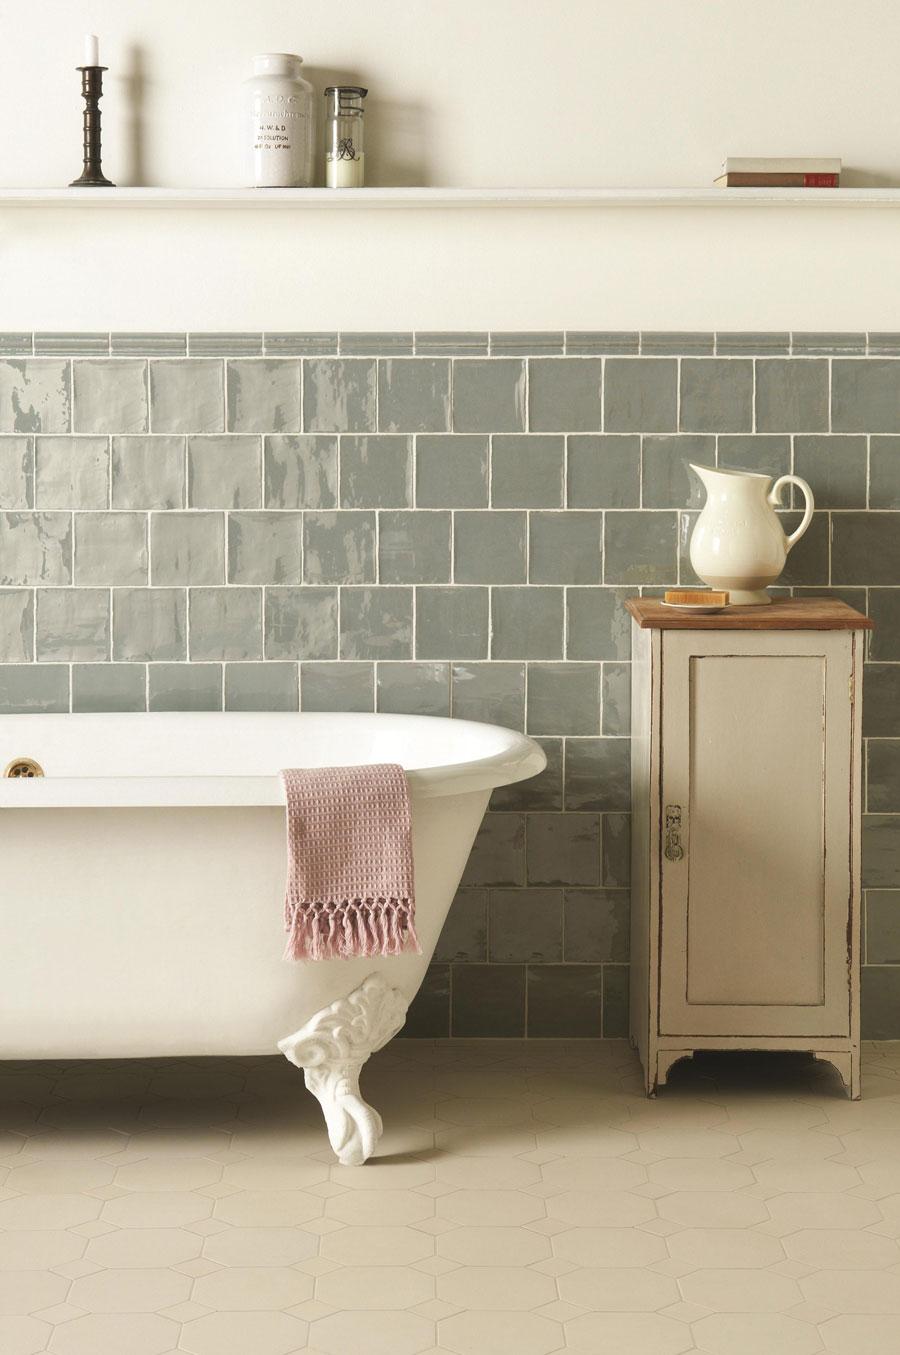 Metropolitan Lazul - The Winchester Tile Company